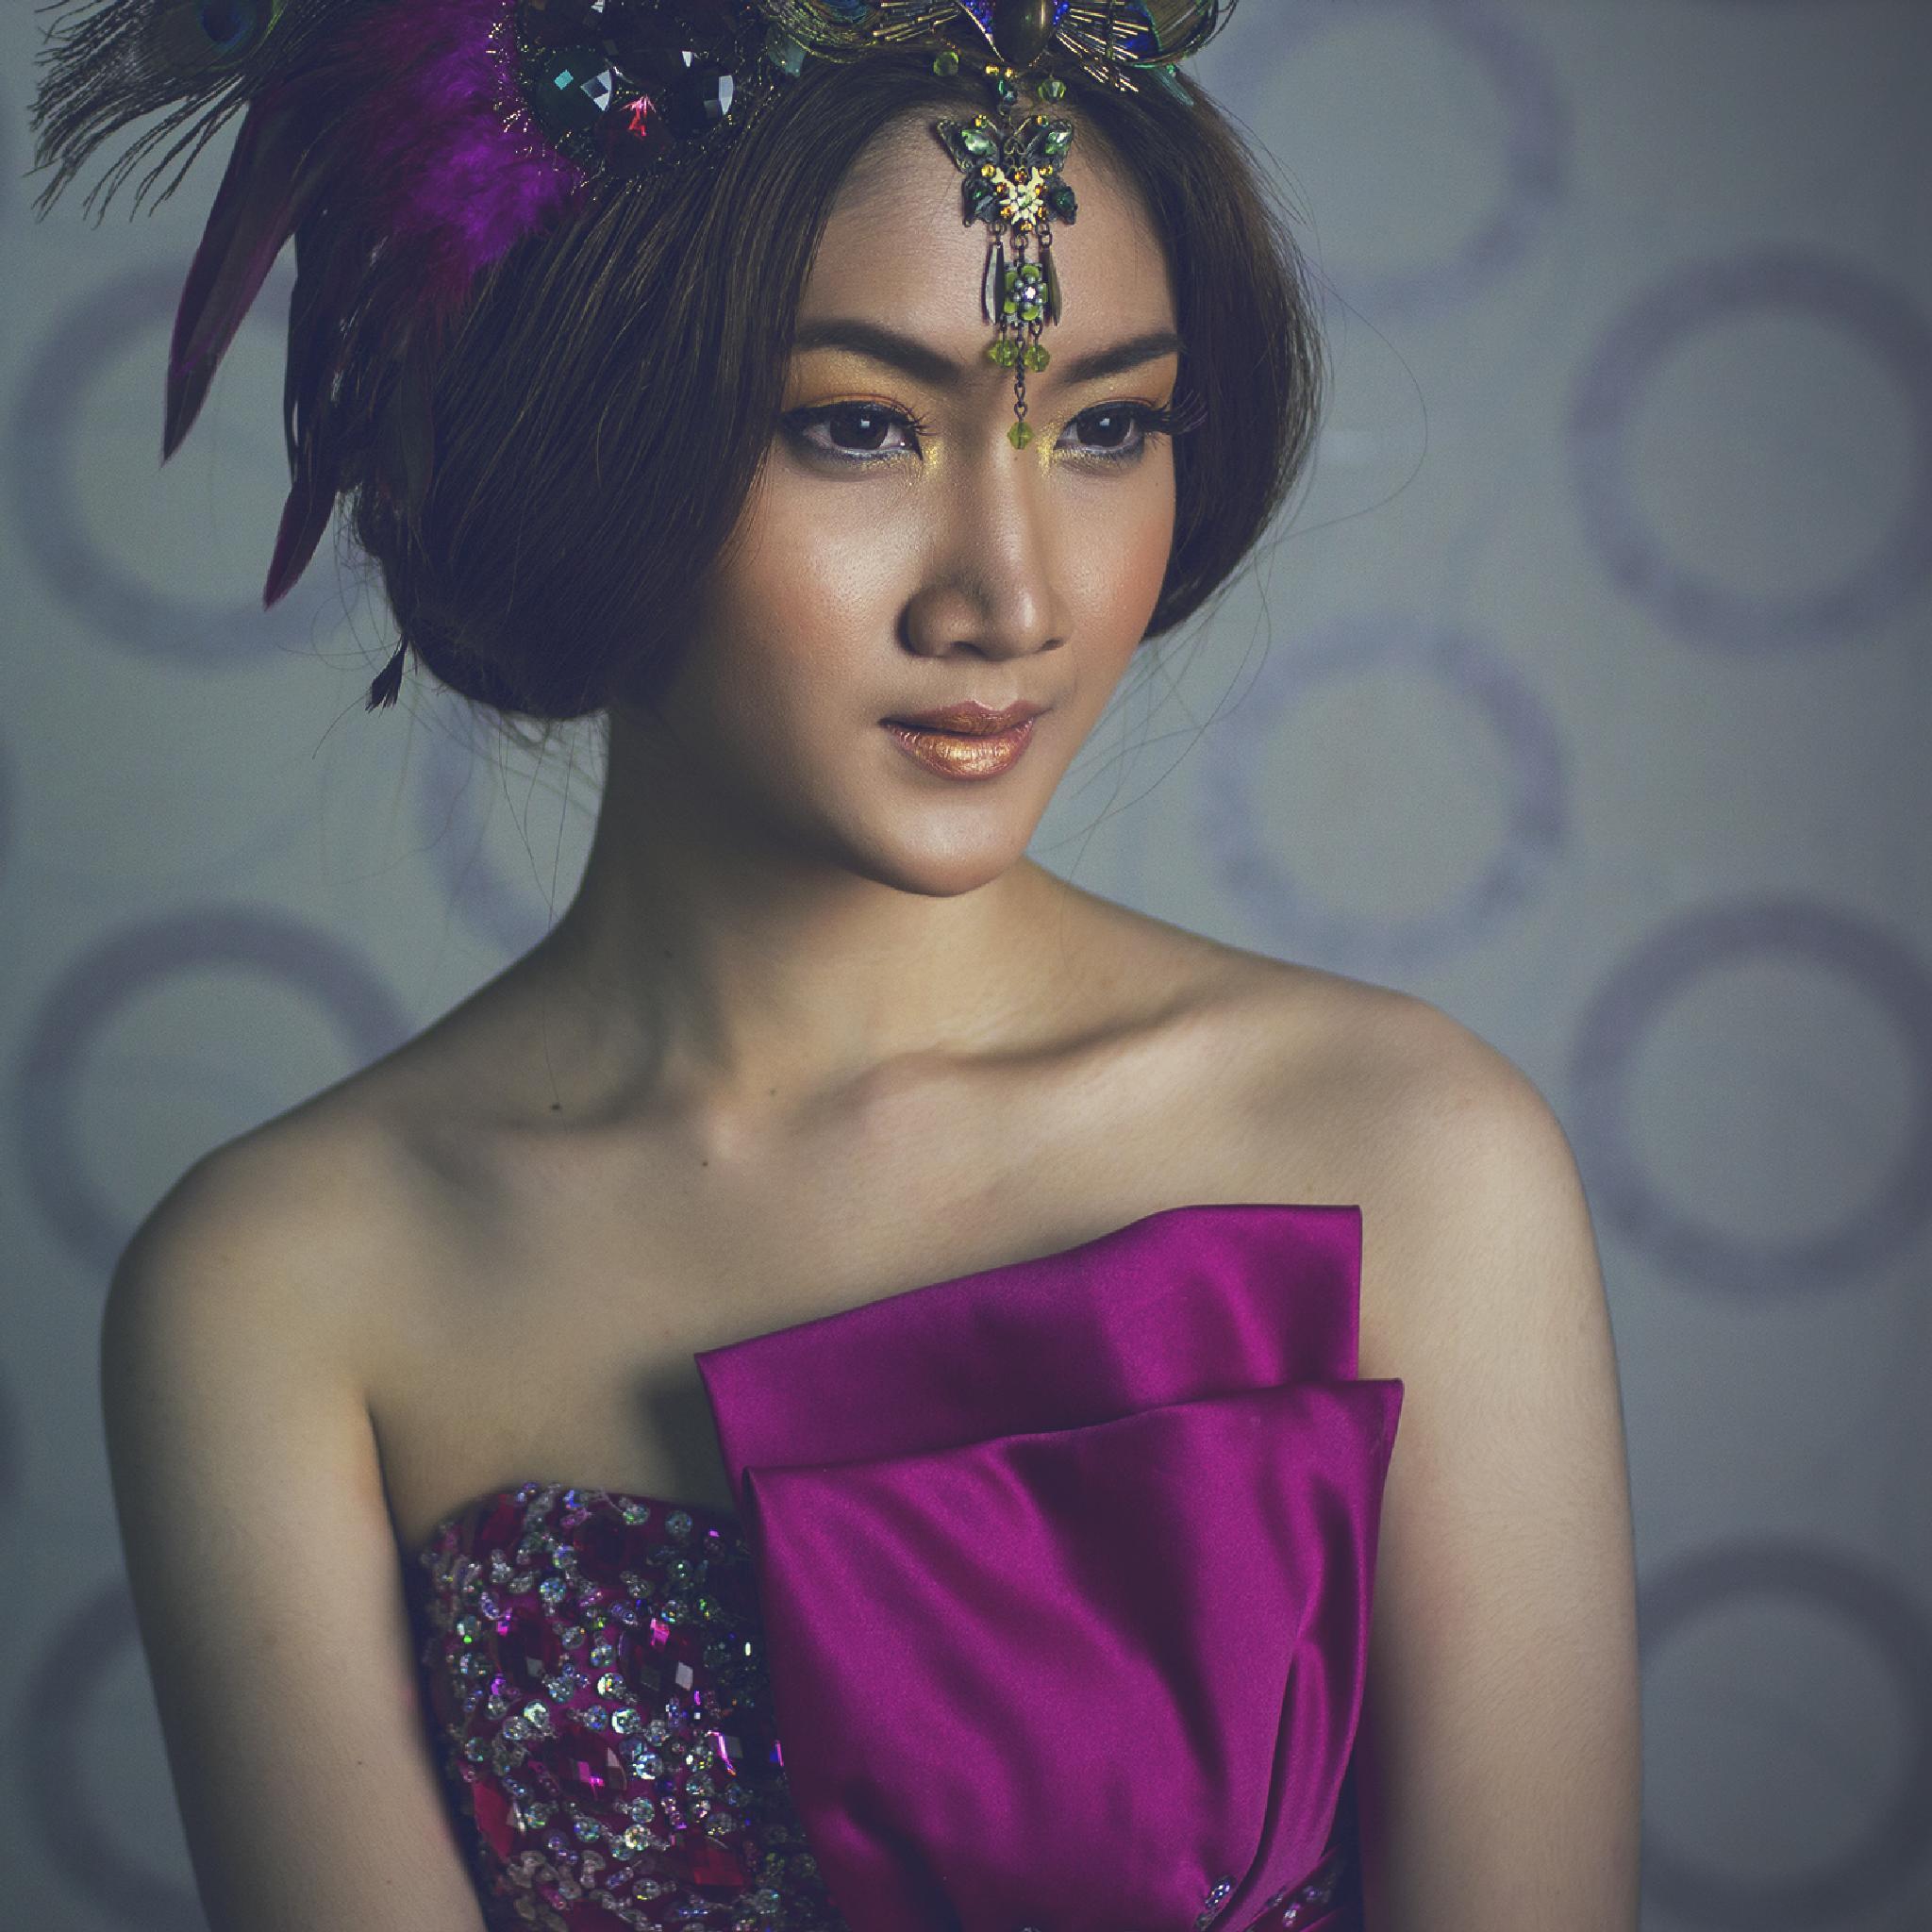 Mi Lady by alfred.serpico